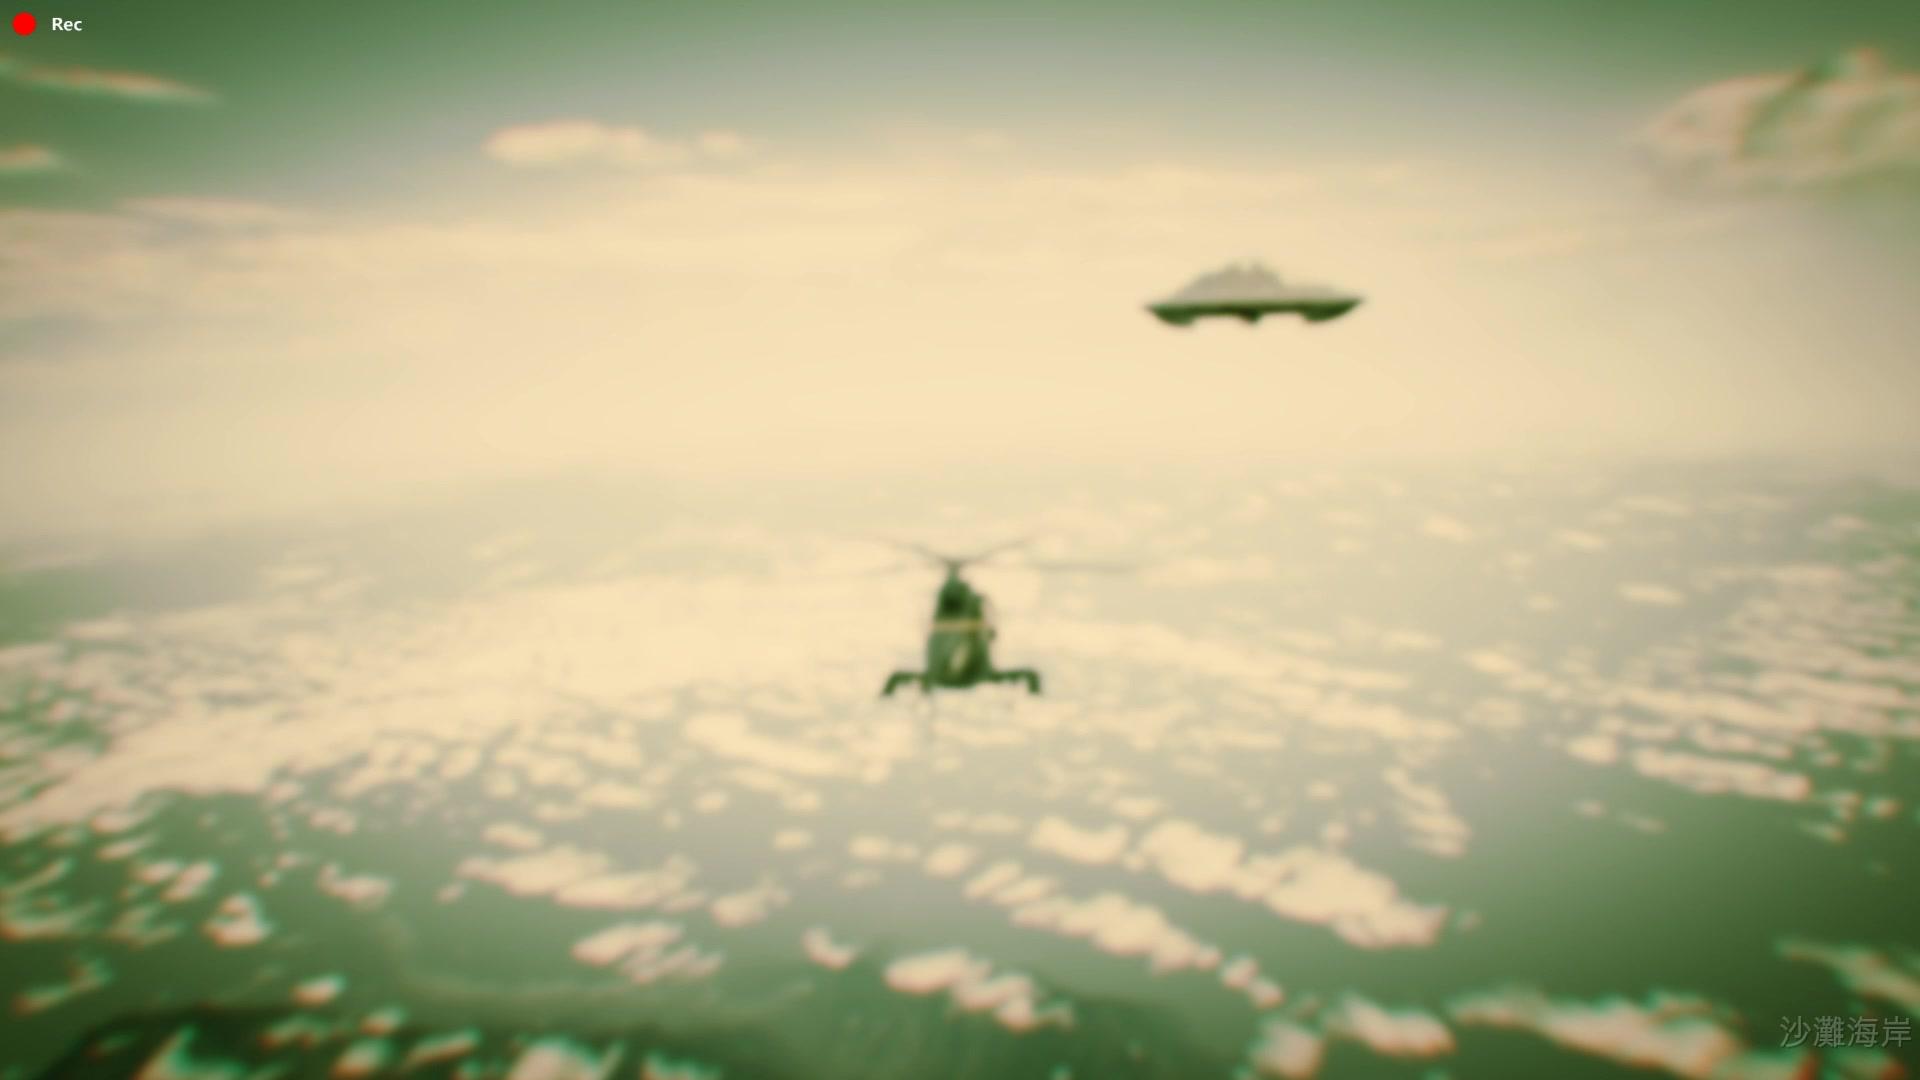 gta5偶遇ufo